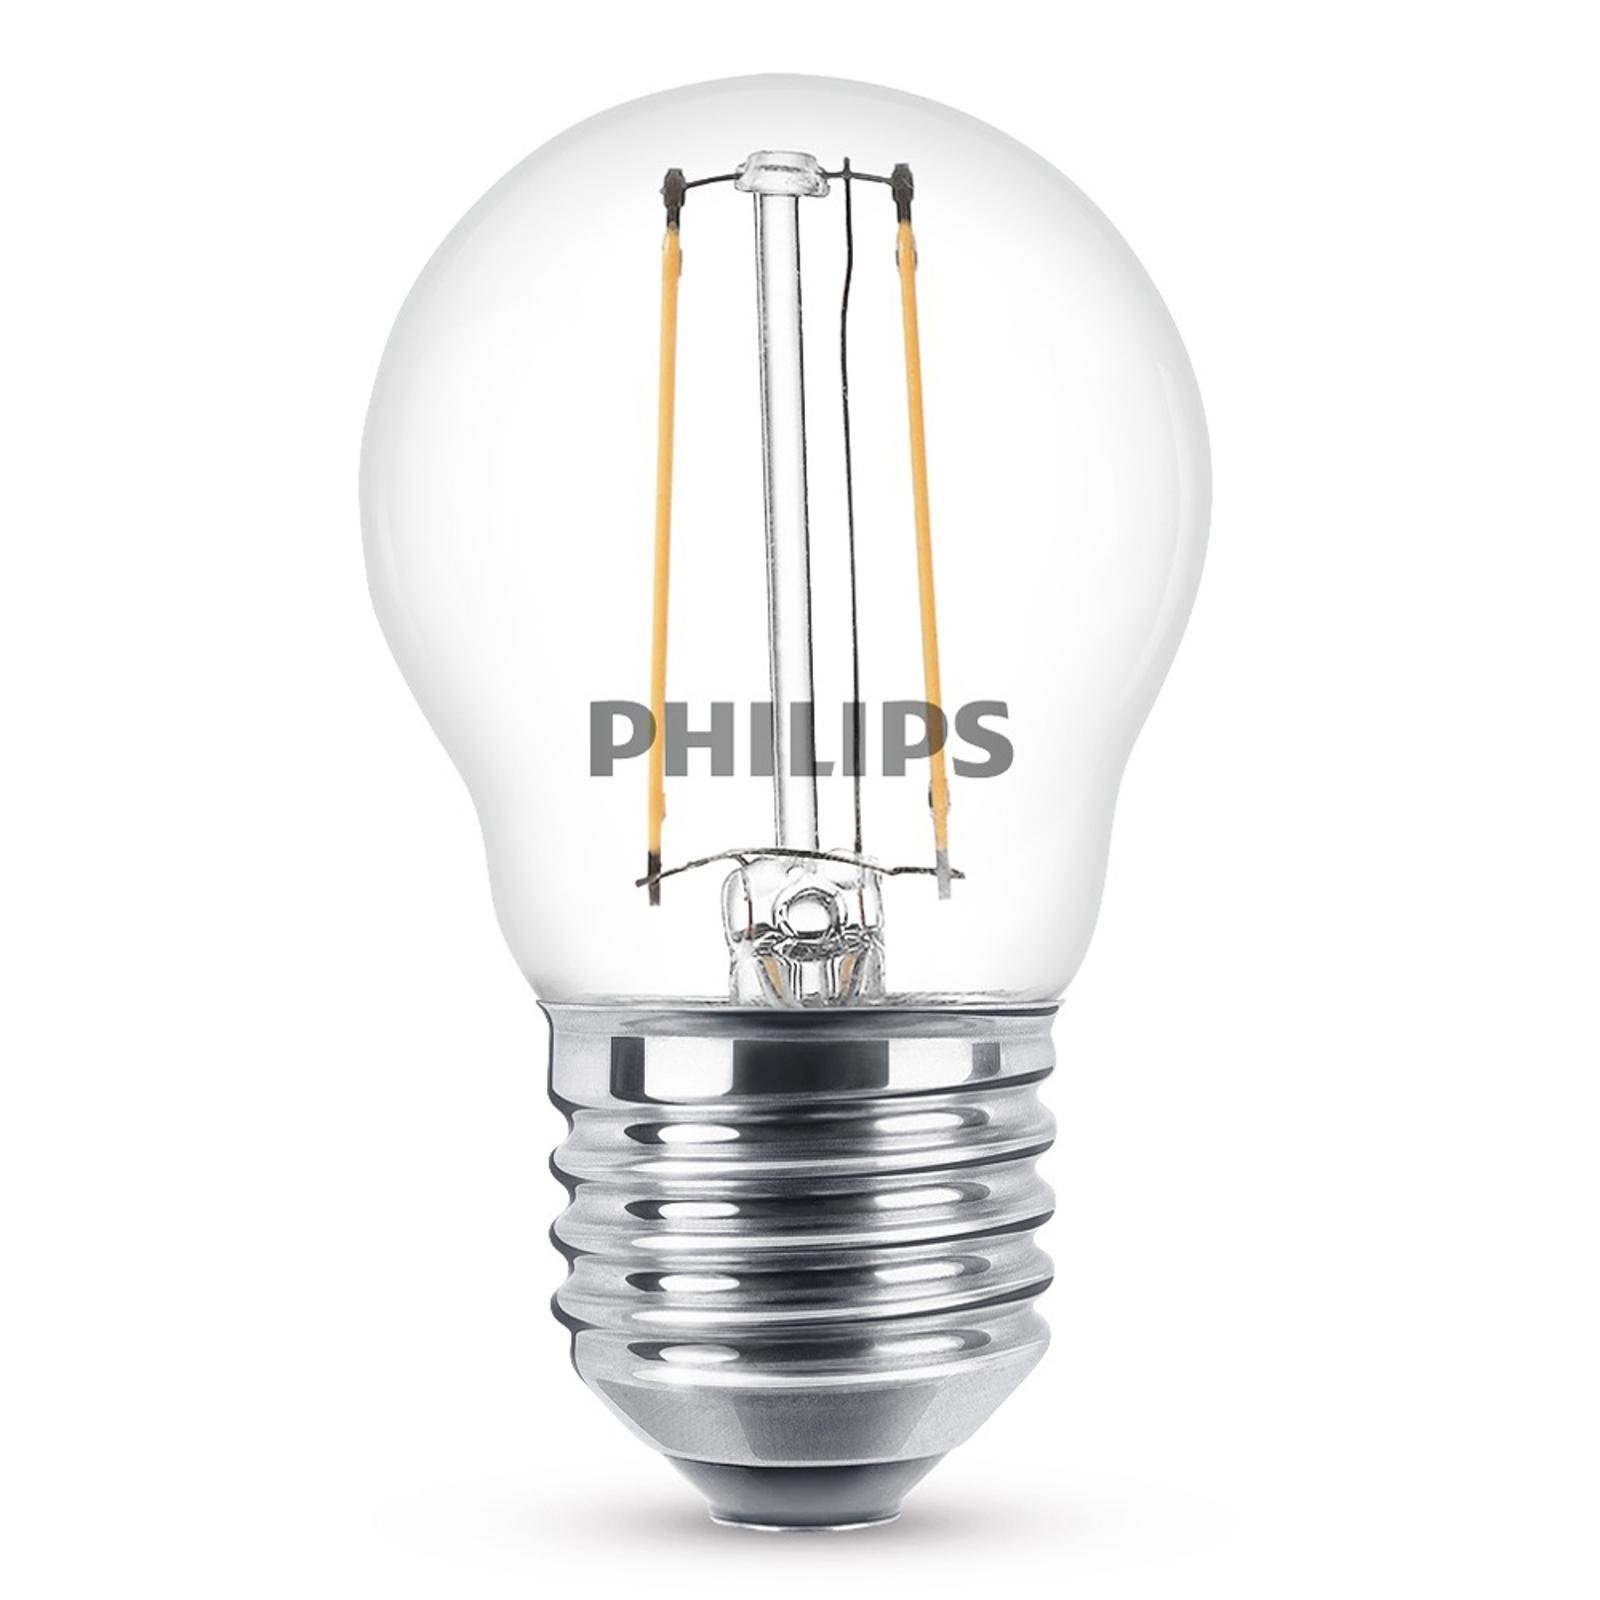 Philips E27 2W 827 LED-Lampe